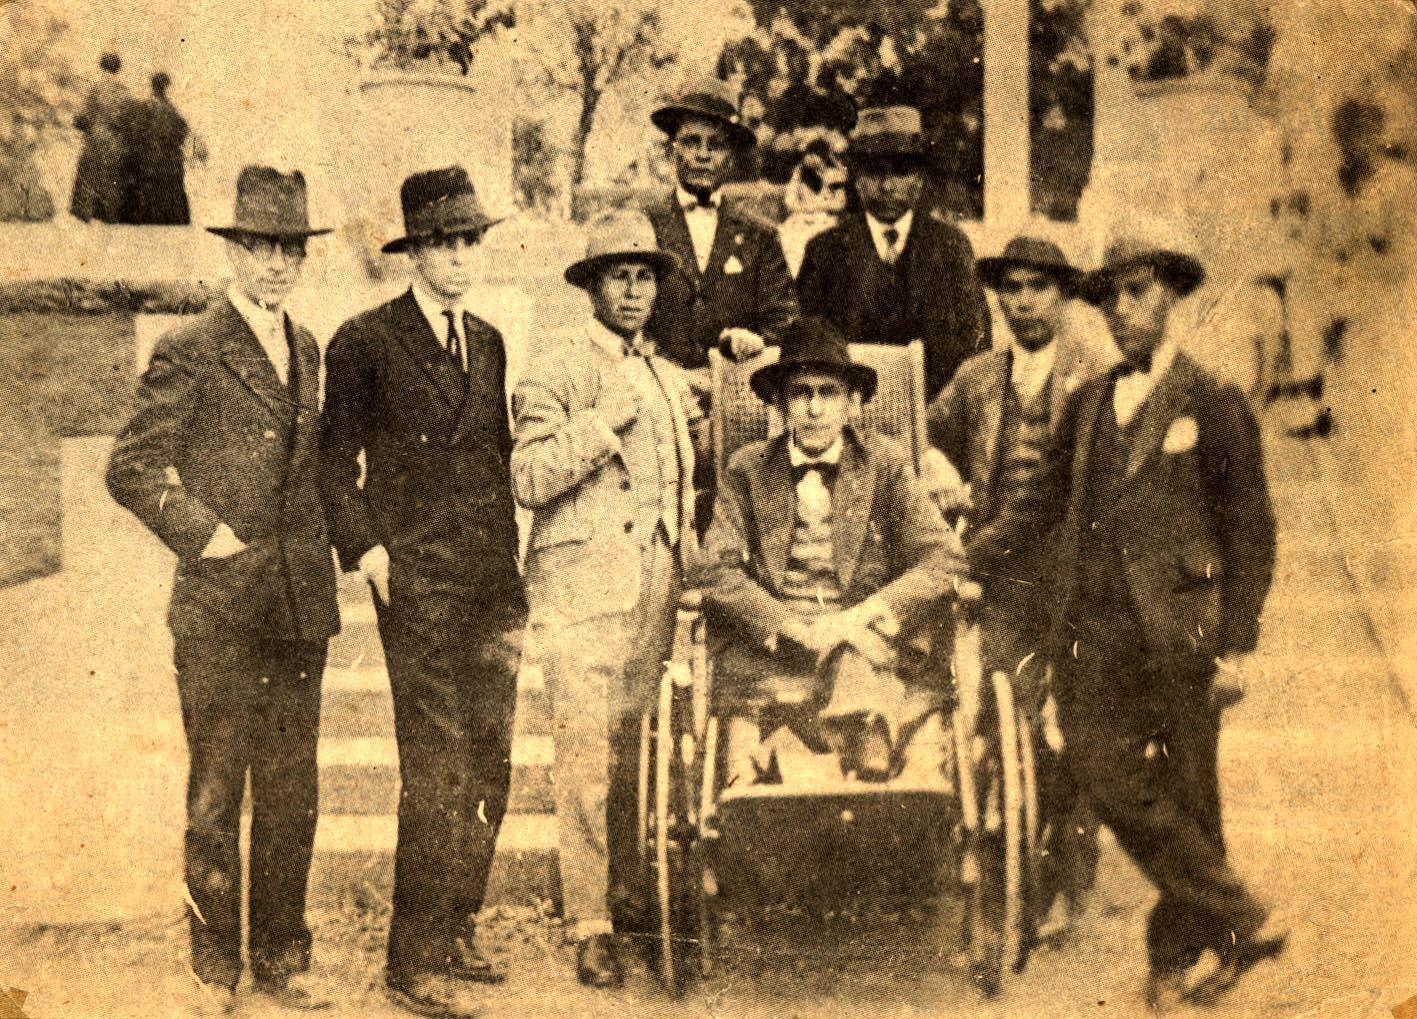 José Carlos Mariátegui y la delegación de trabajadores mineros de Morococha, Bosque de Matamula, octubre de 1929